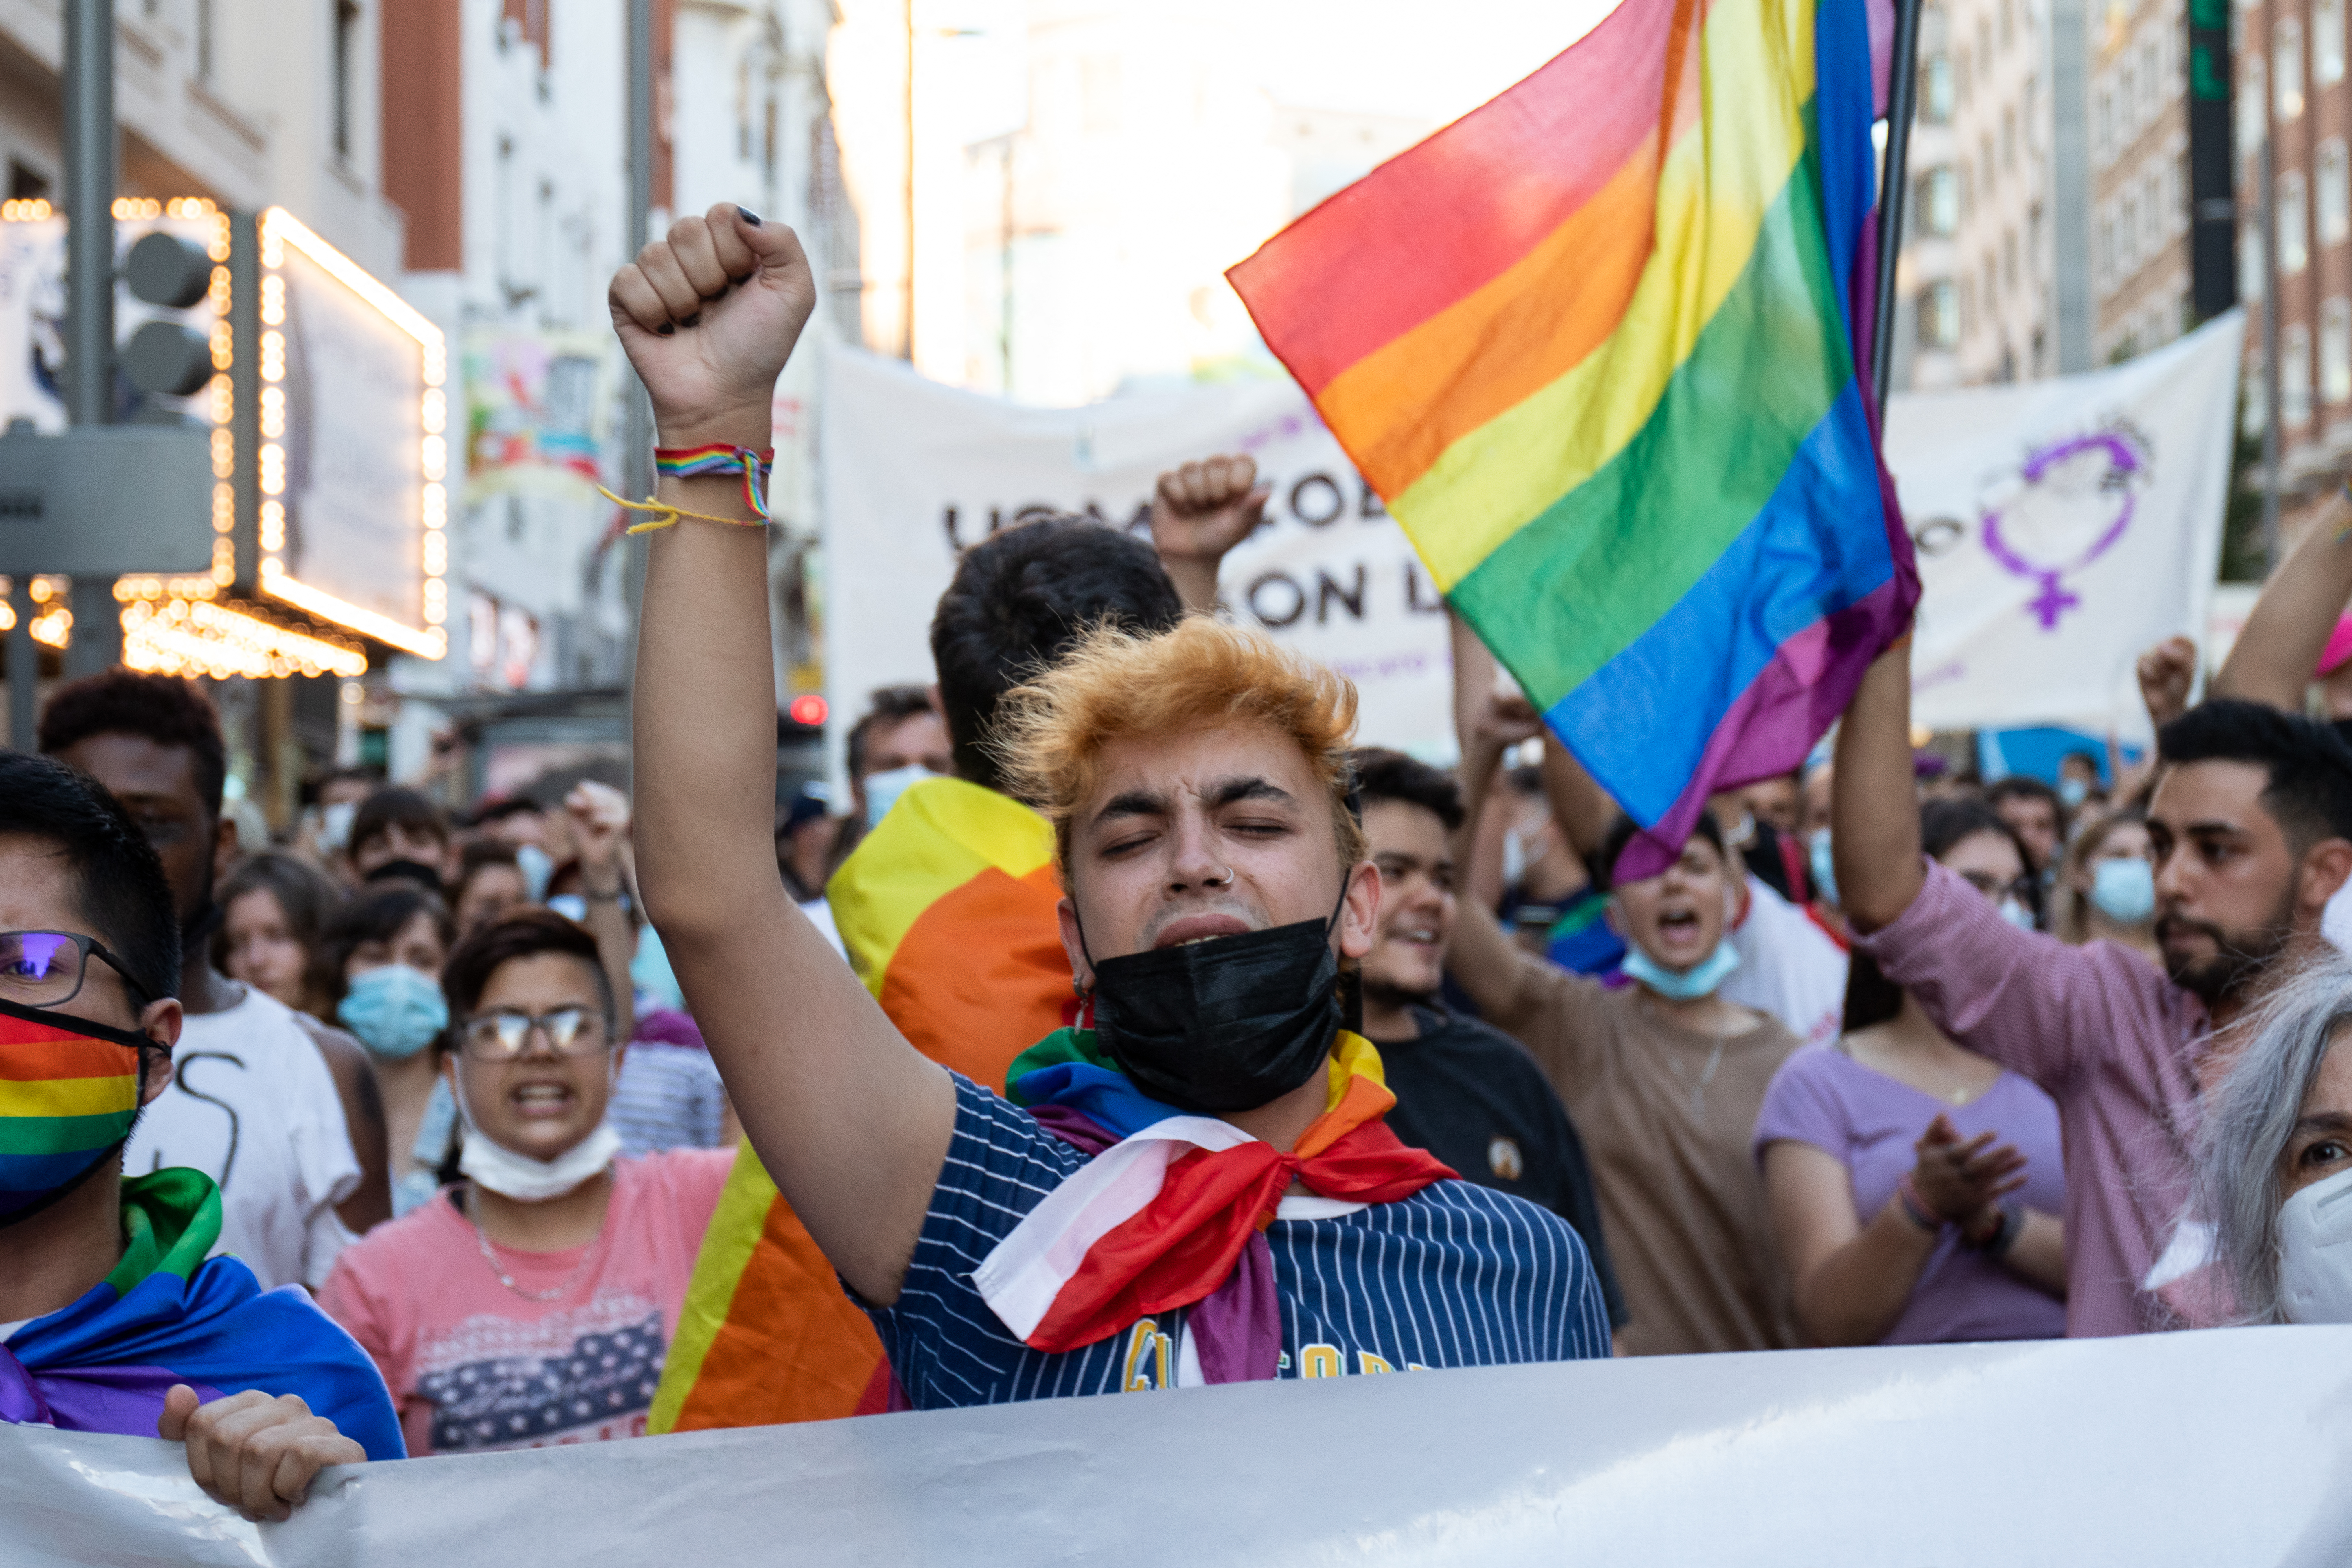 Ezrek tüntetnek Spanyolországban, miután az utcán vertek halálra egy meleg férfit